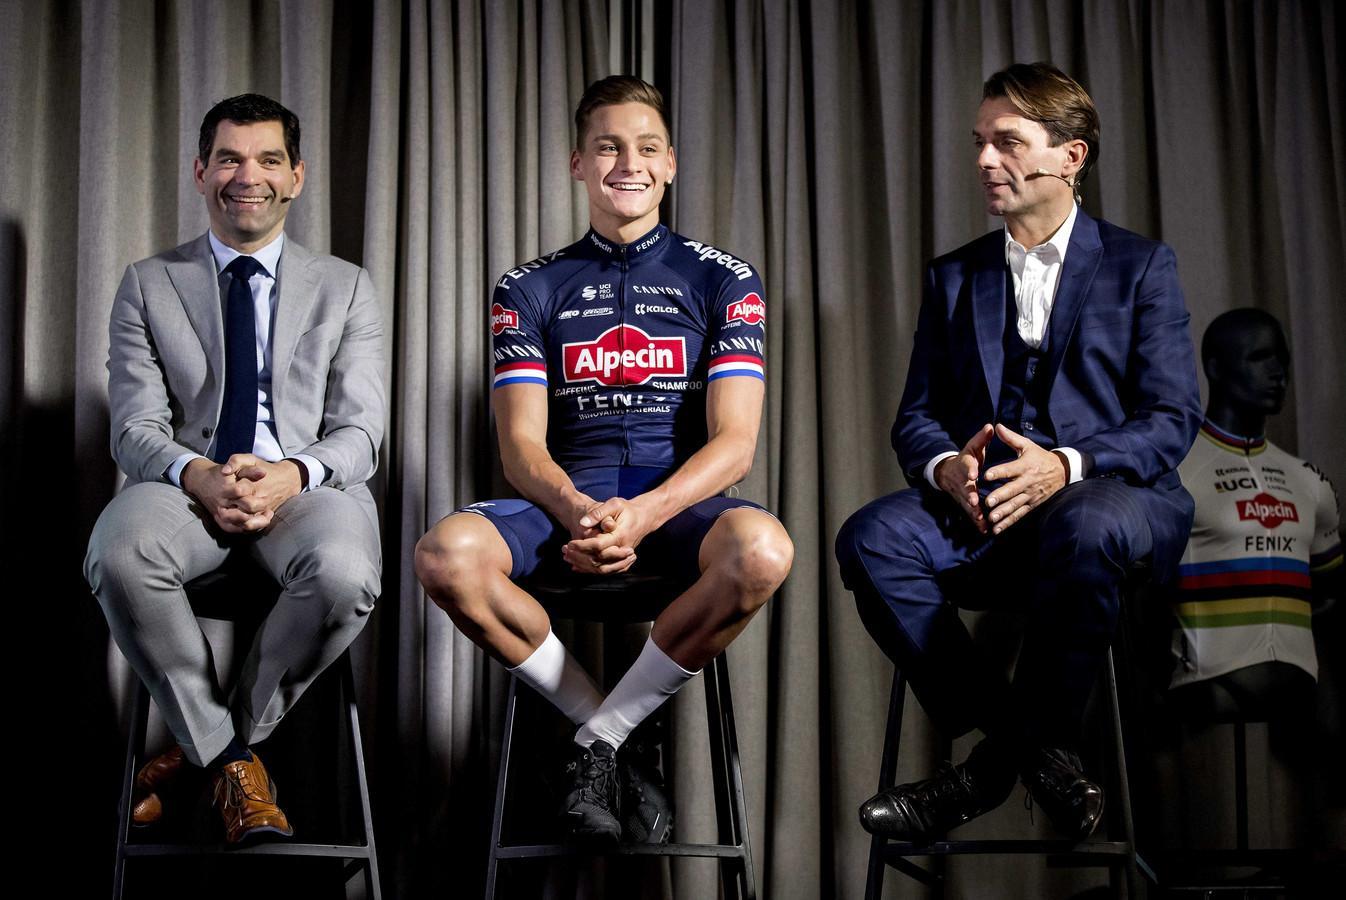 Philip Roodhooft (r) en zijn broer Christoph met Mathieu van der Poel en tijdens de presentatie van team Alpecin-Fenix.